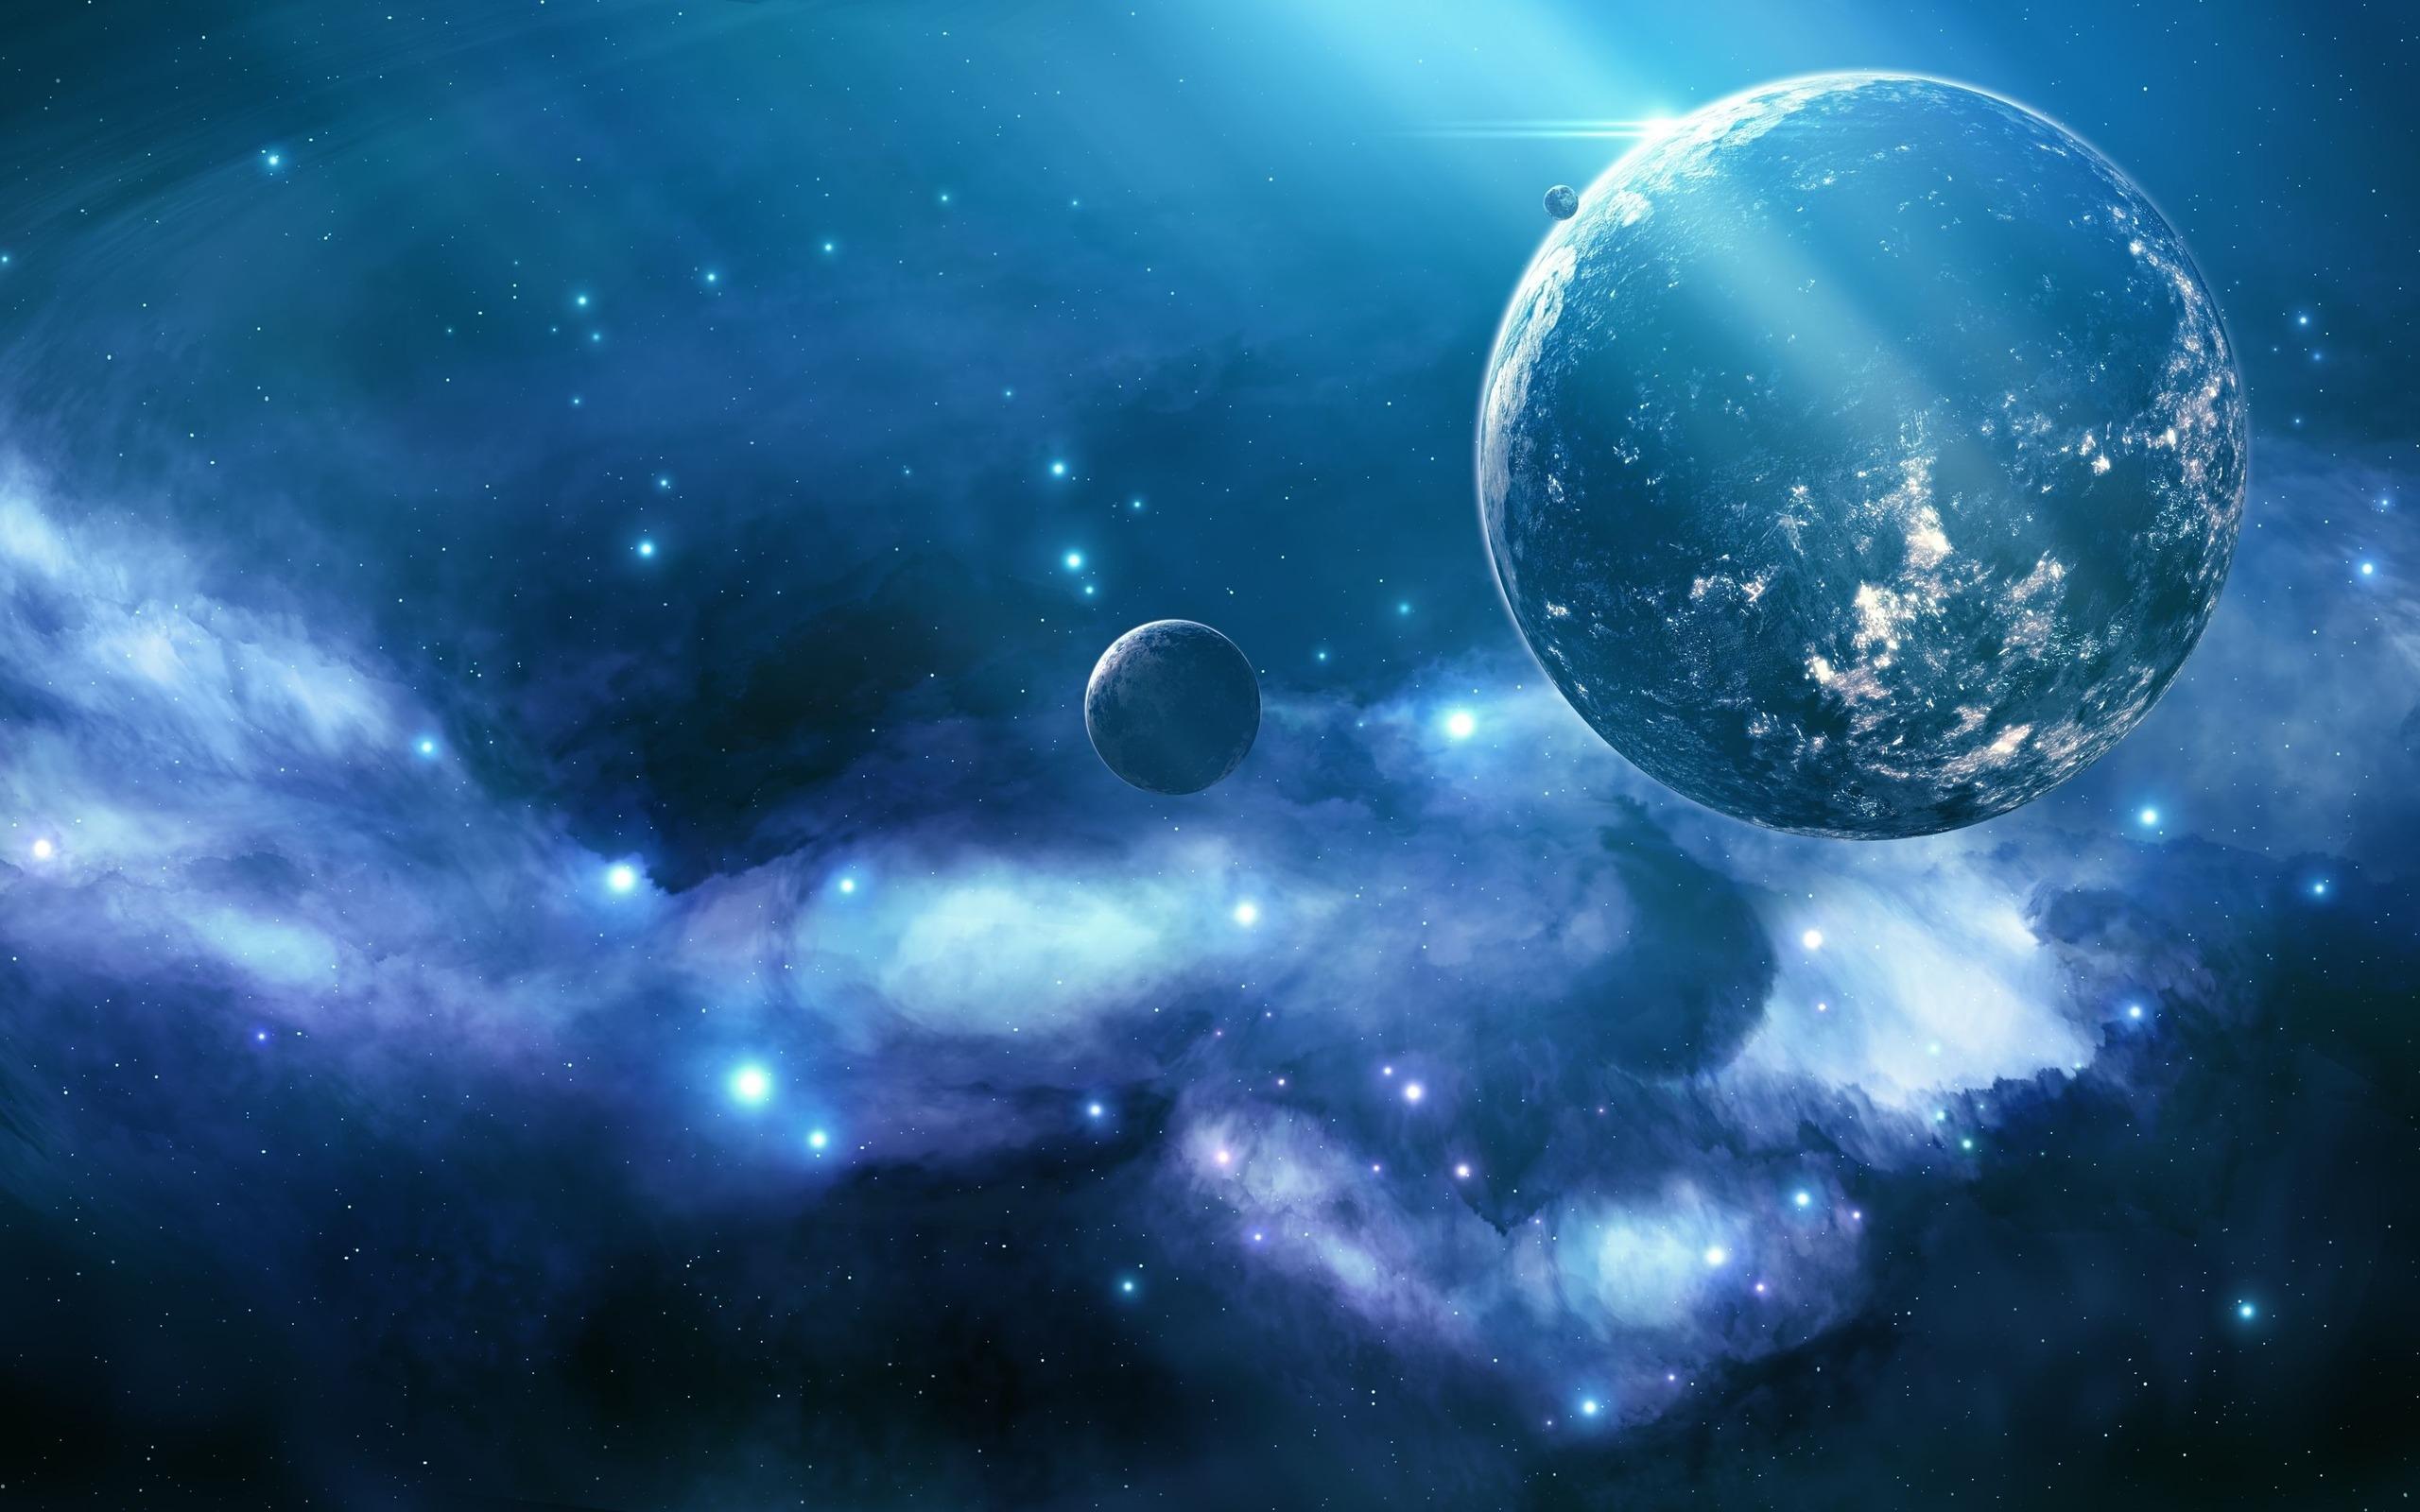 космос картинки фантастика